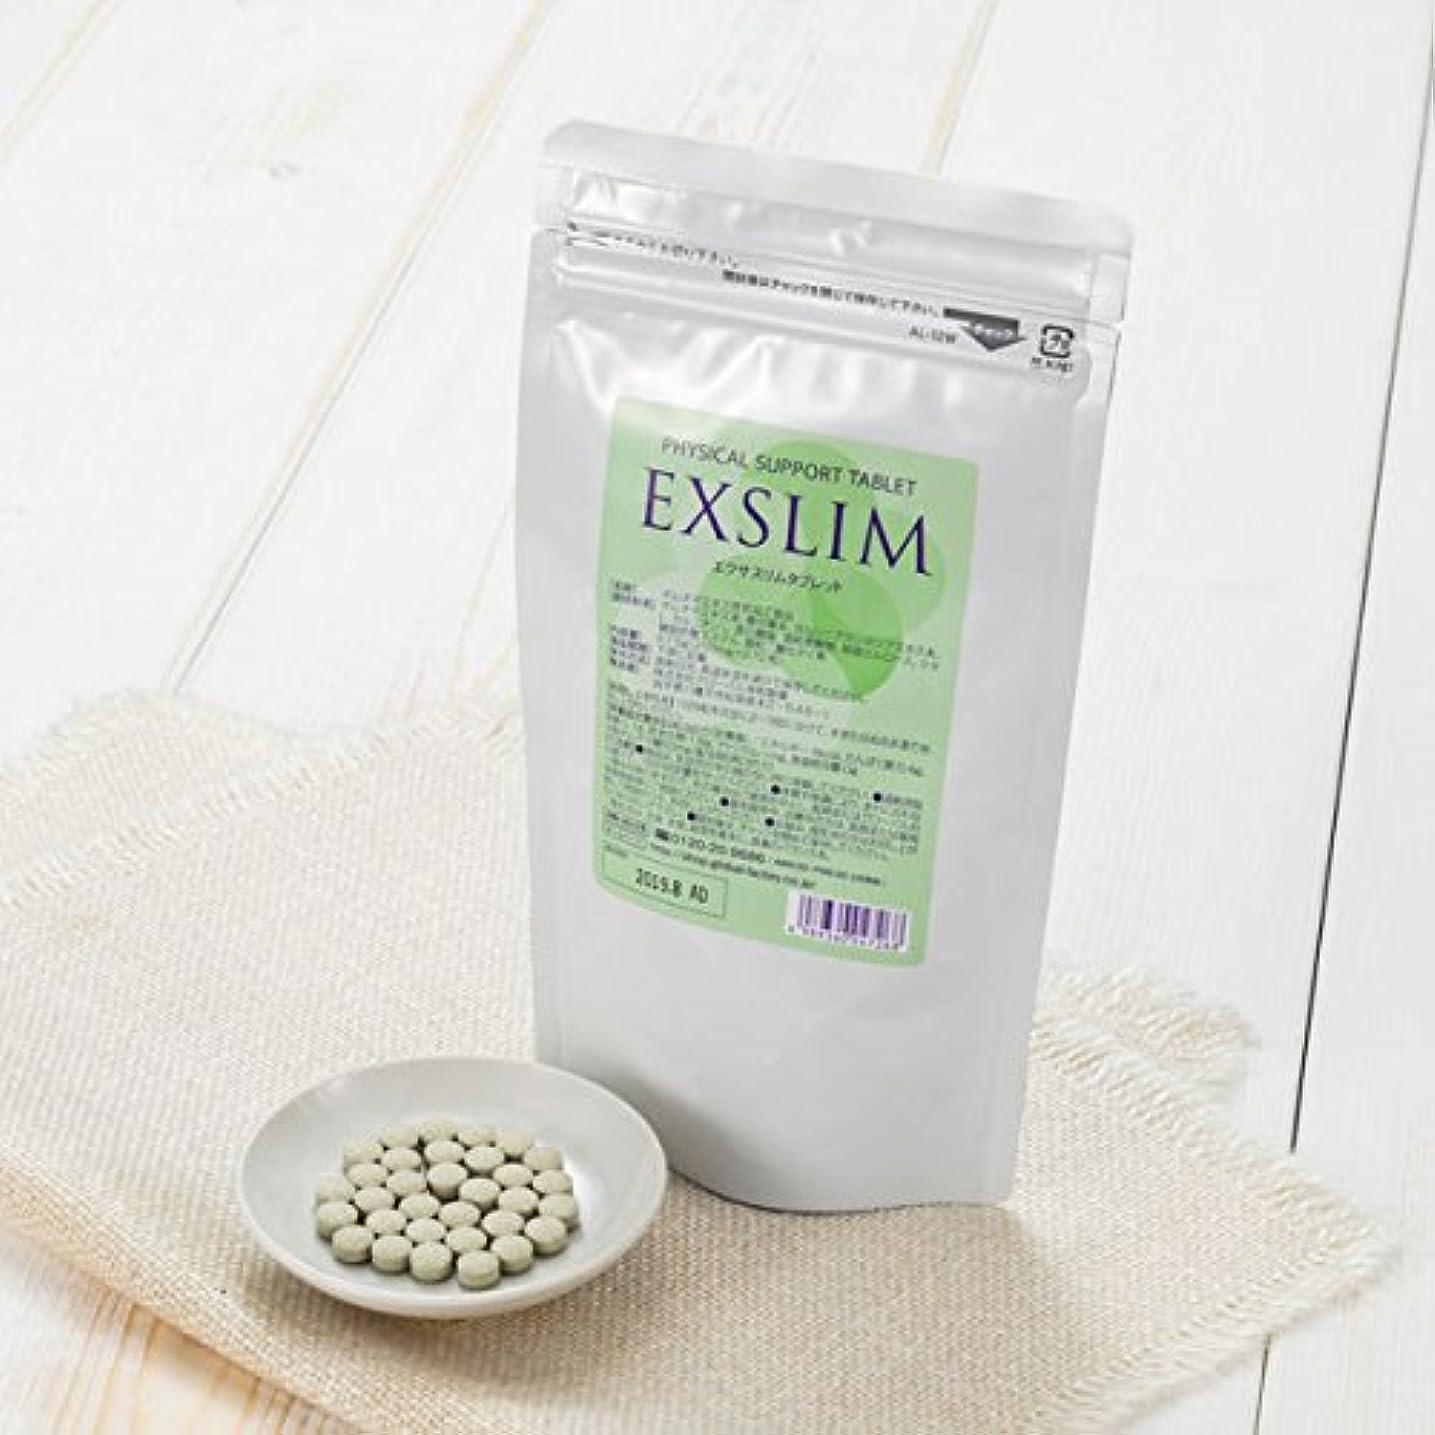 【EXSLIM】エクサスリム タブレット (250mg×270粒)